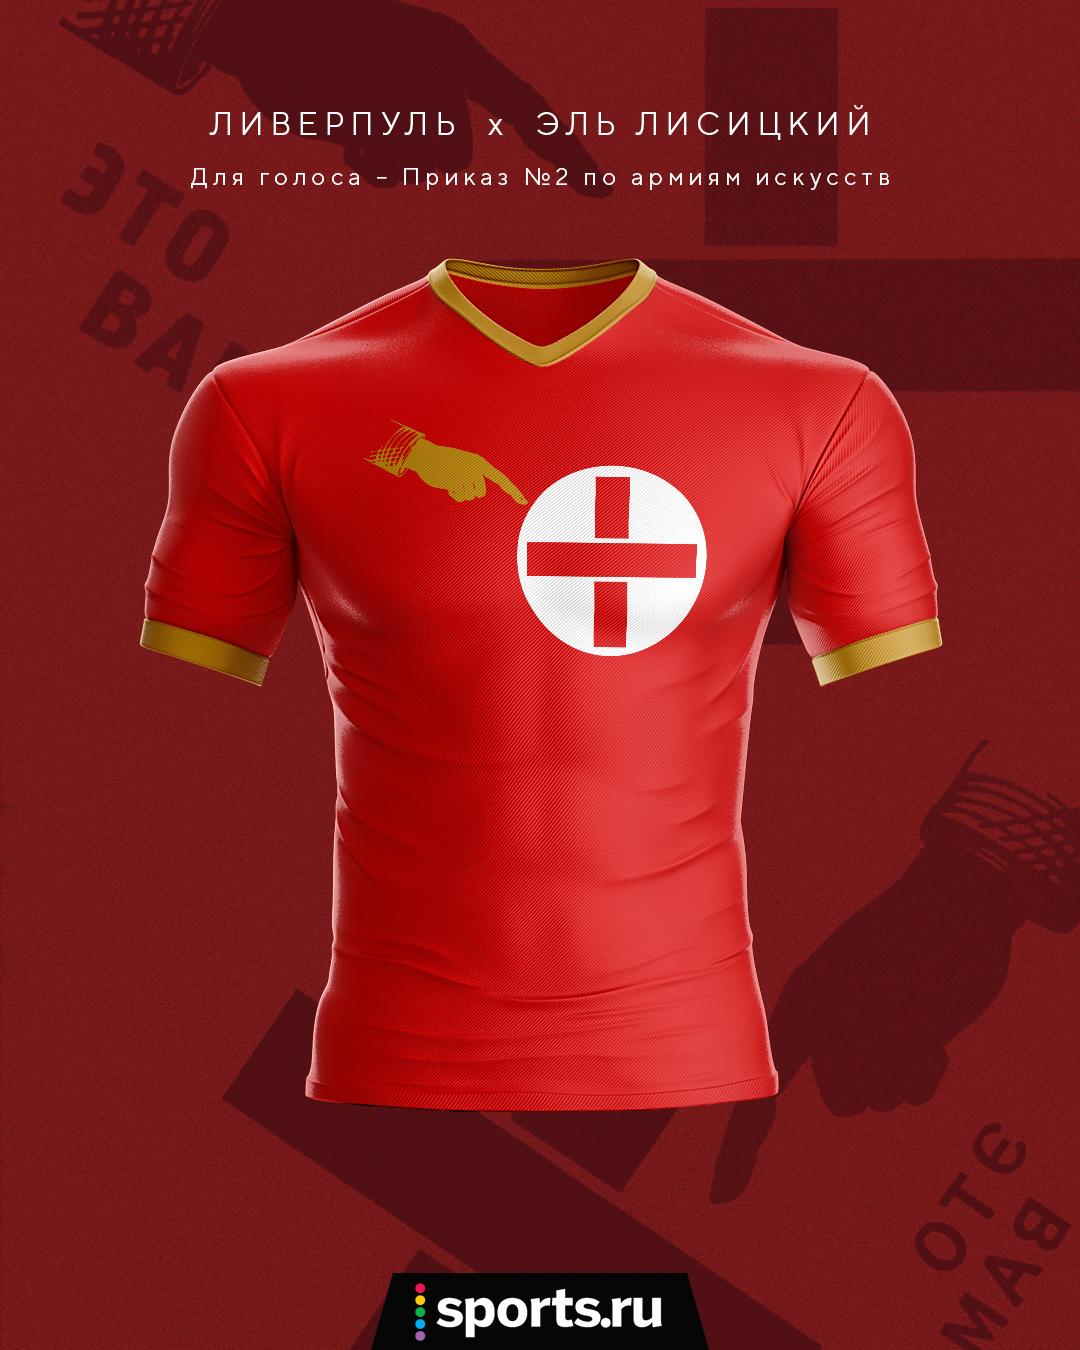 Мы перенесли супрематизм из работ Эль Лисицкого на формы «Зенита», «Спартака», «Барсы», «Реала» и других важных клубов